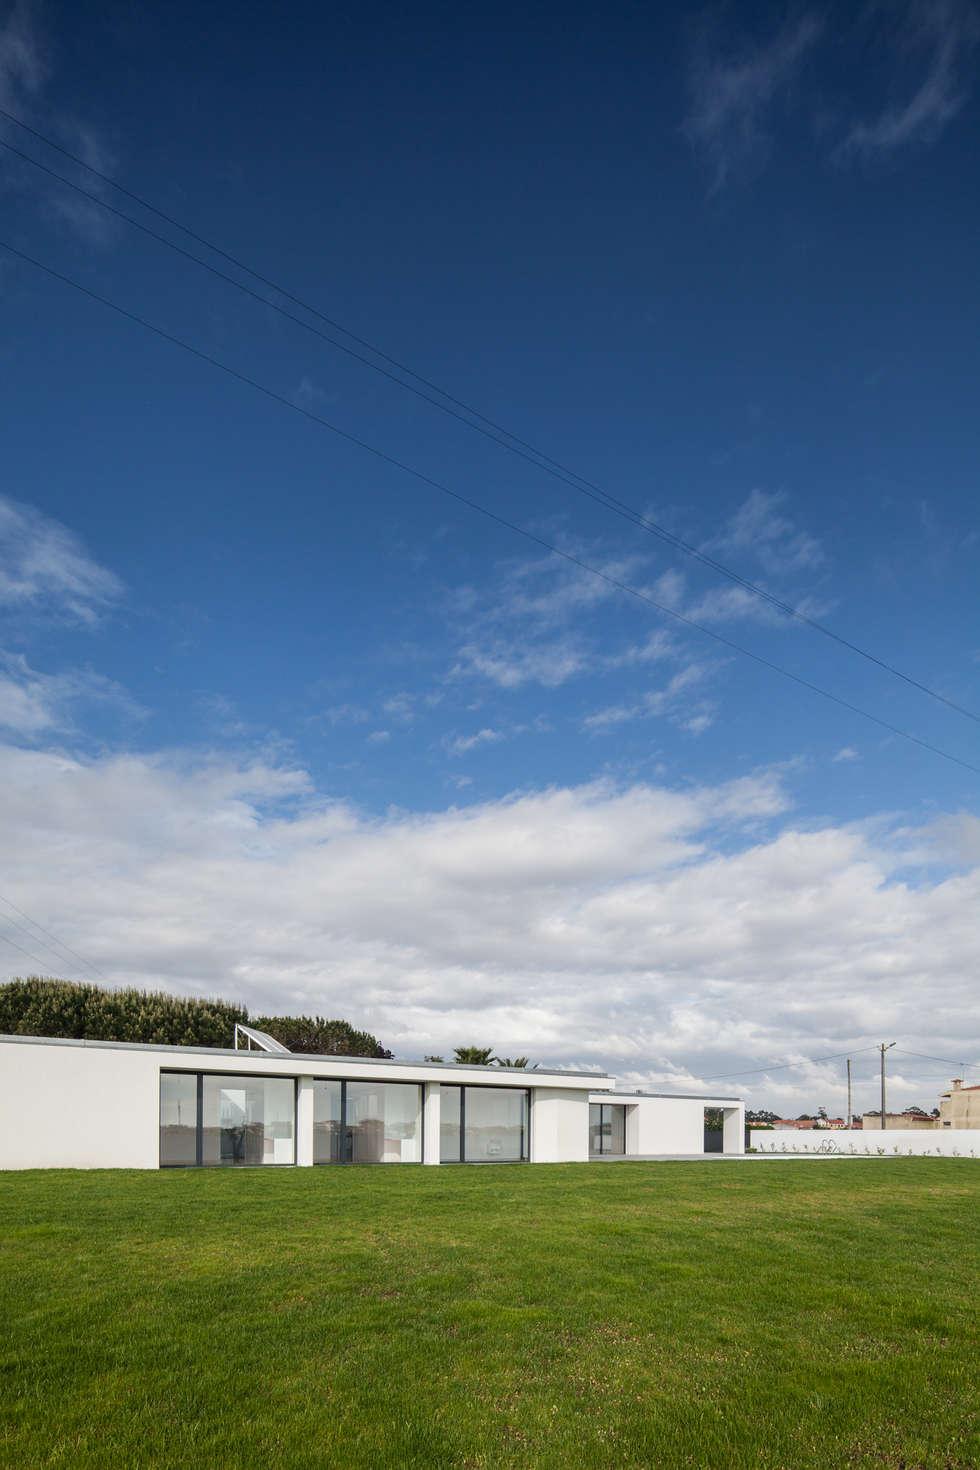 Casa em Gandra - Raulino Silva Arquitecto: Casas minimalistas por Raulino Silva Arquitecto Unip. Lda